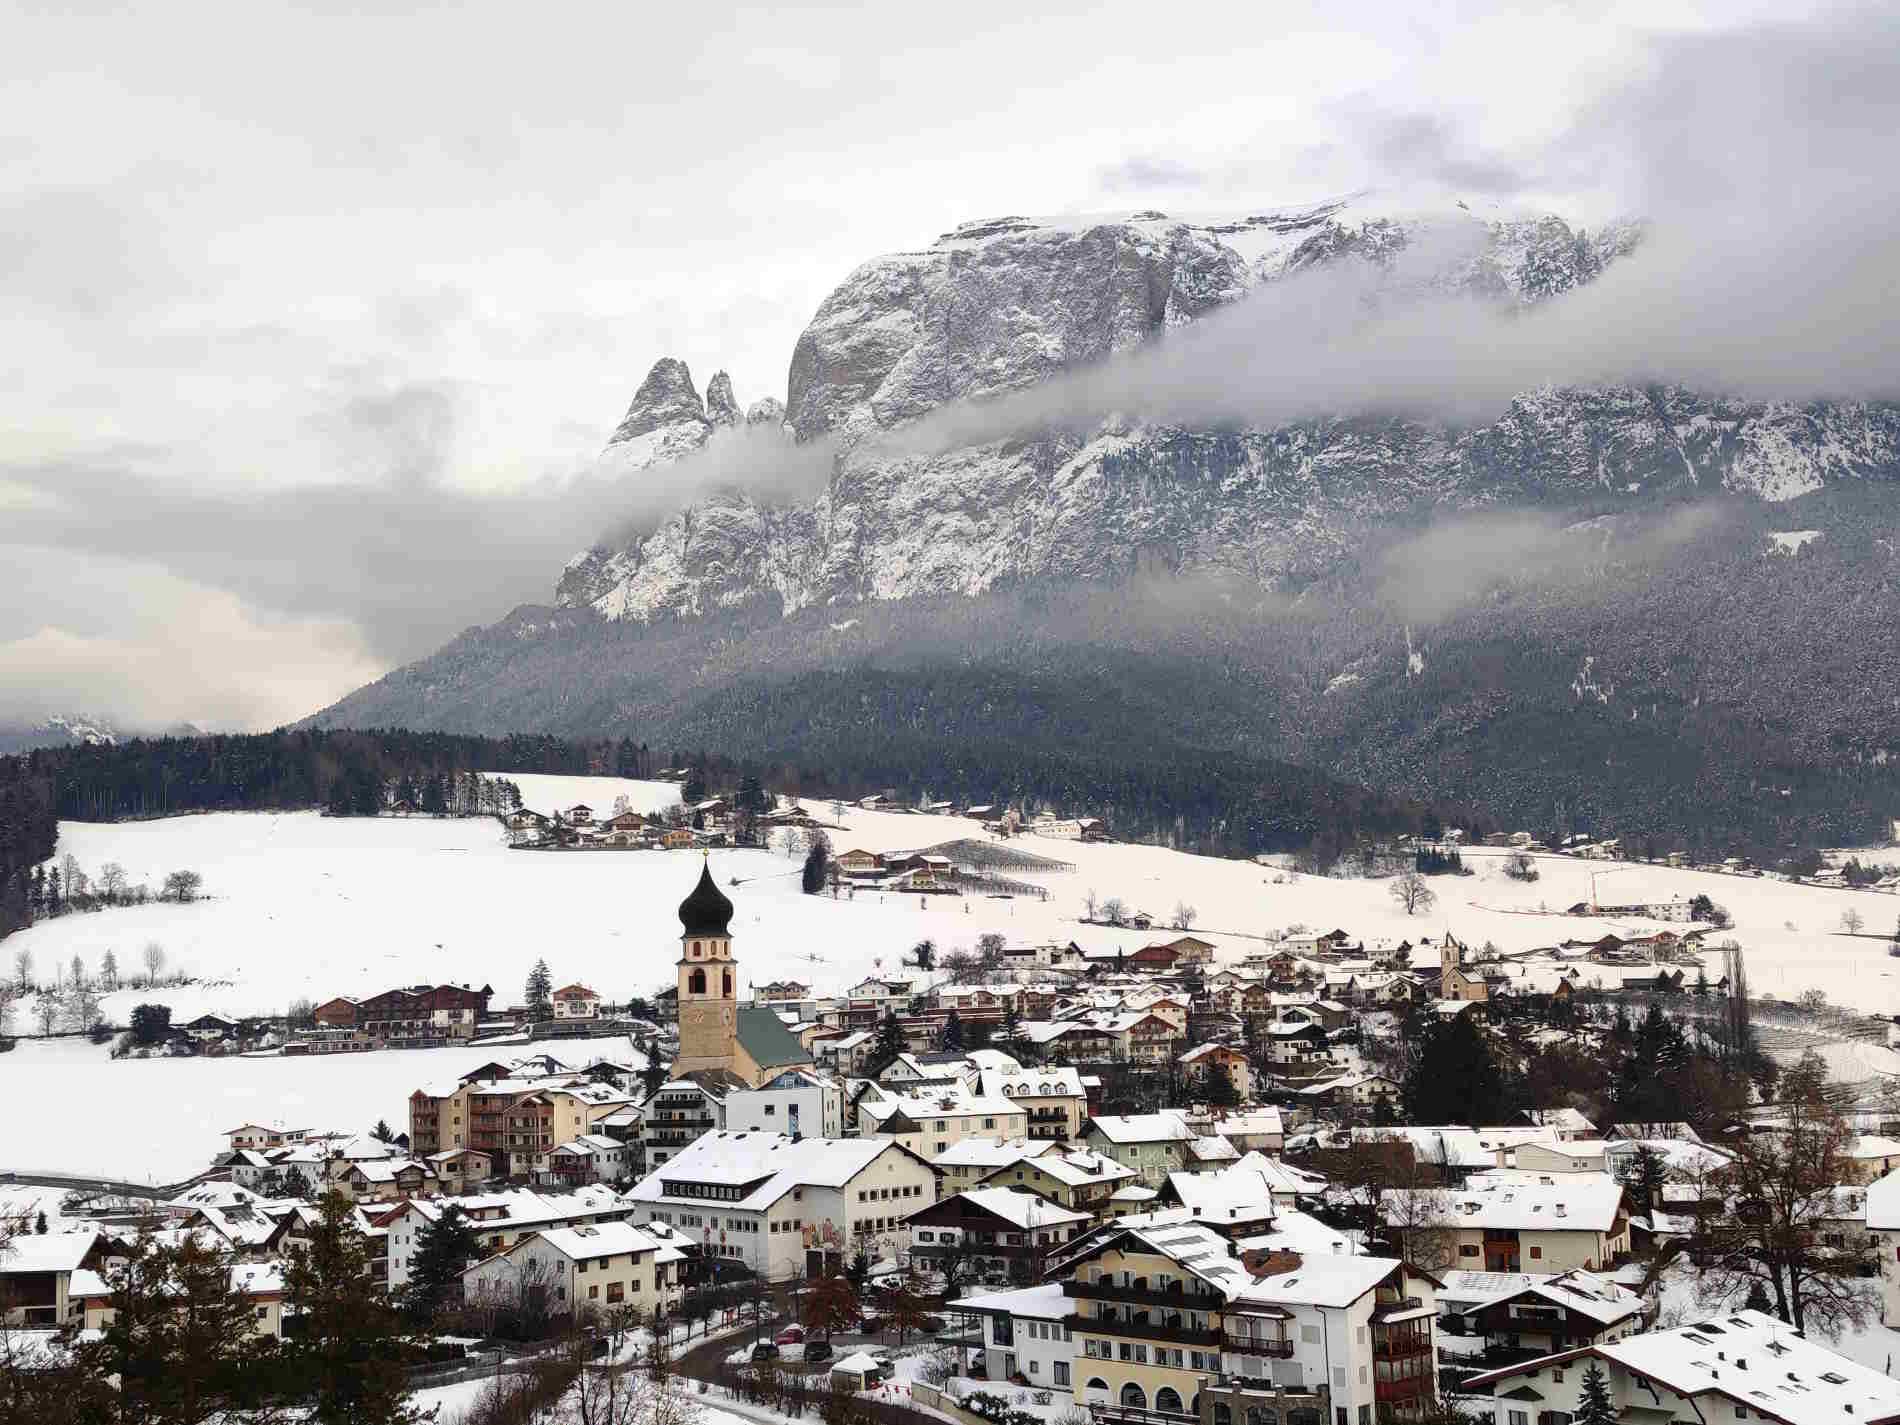 Panorama invernale sul borgo di Fiè allo Sciliar e sul massiccio dello Sciliar nelle Dolomiti altoatesine